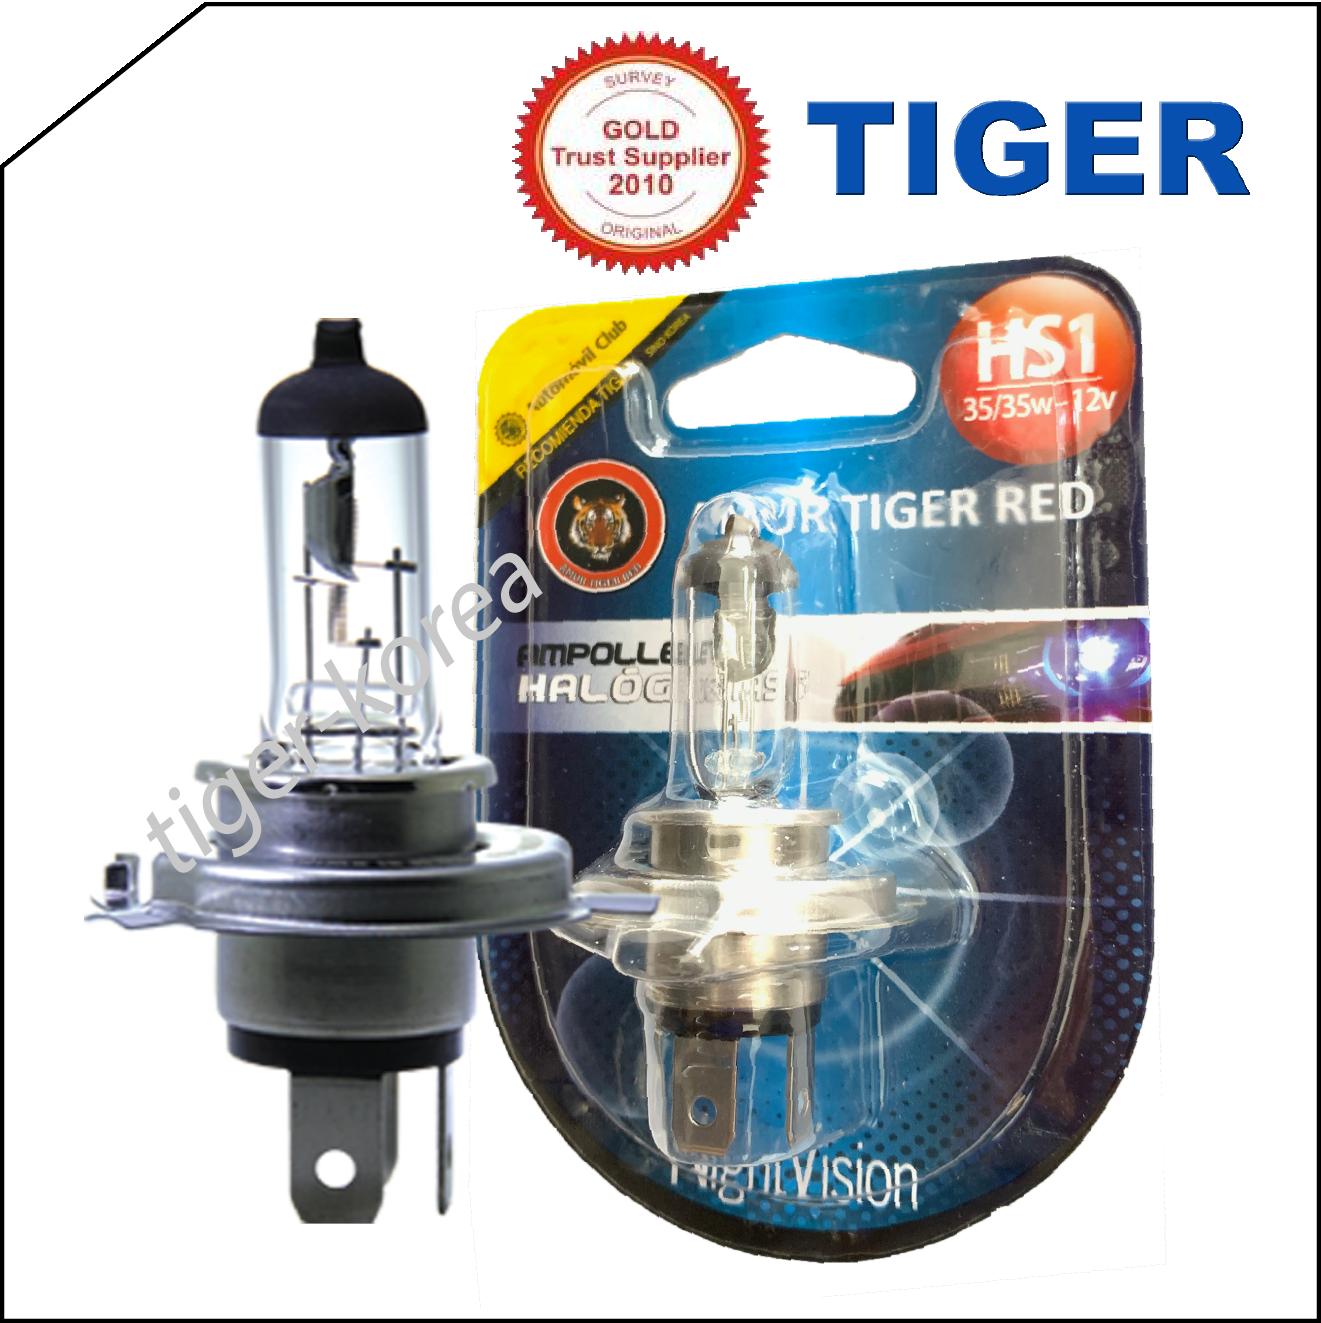 Bóng đèn pha xe máy HS1 12V 35/35W